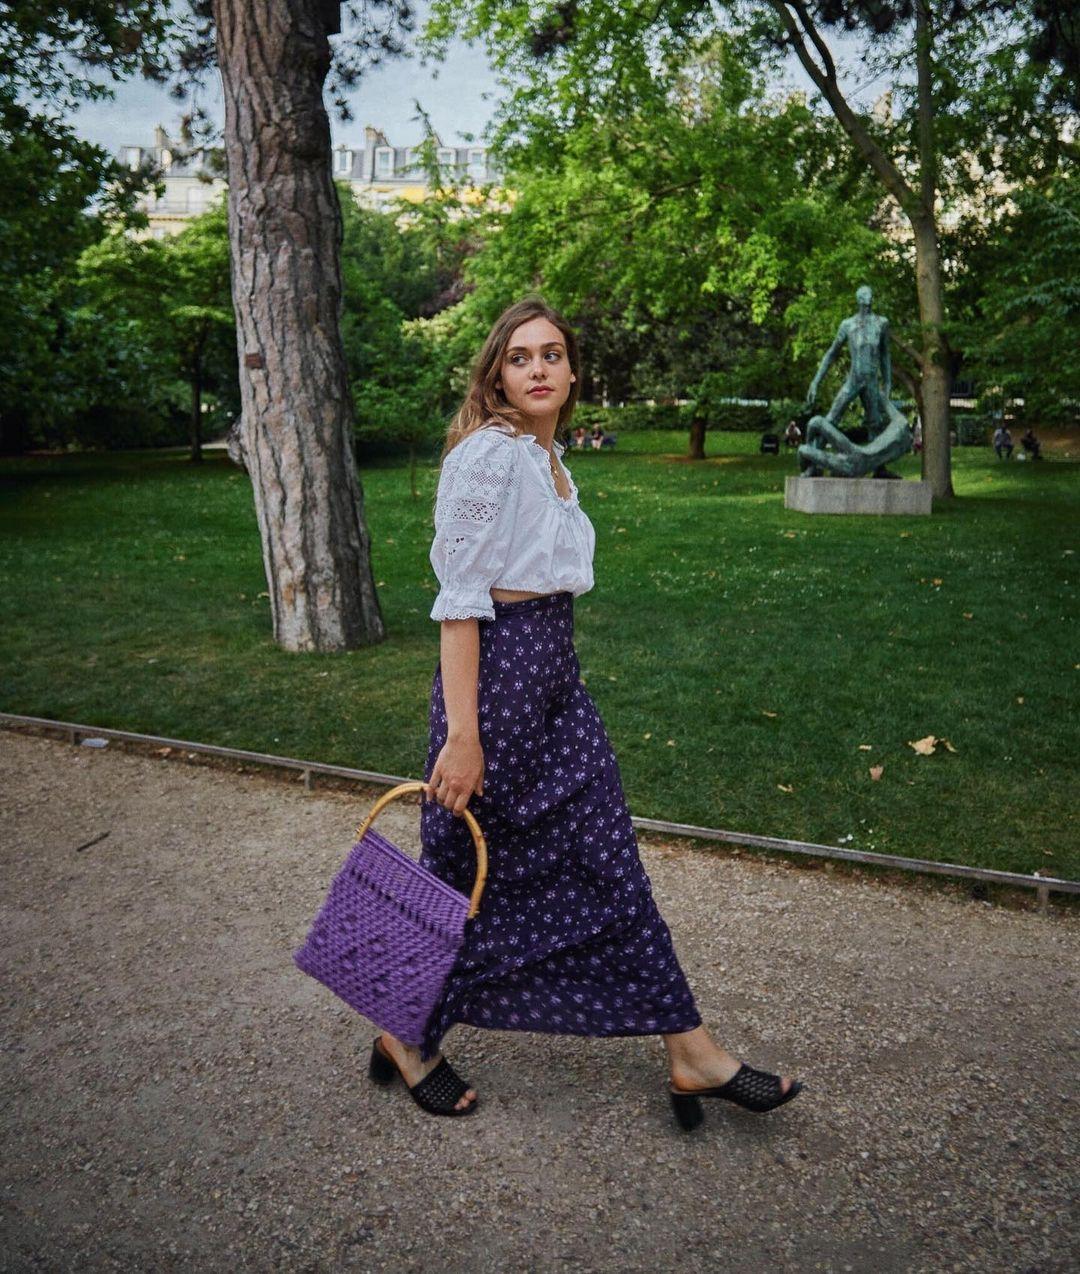 Khác với gái Hàn, phụ nữ Pháp diện chân váy dài trông nổi bật hơn hẳn nhưng vẫn sang ngút ngàn - Ảnh 11.